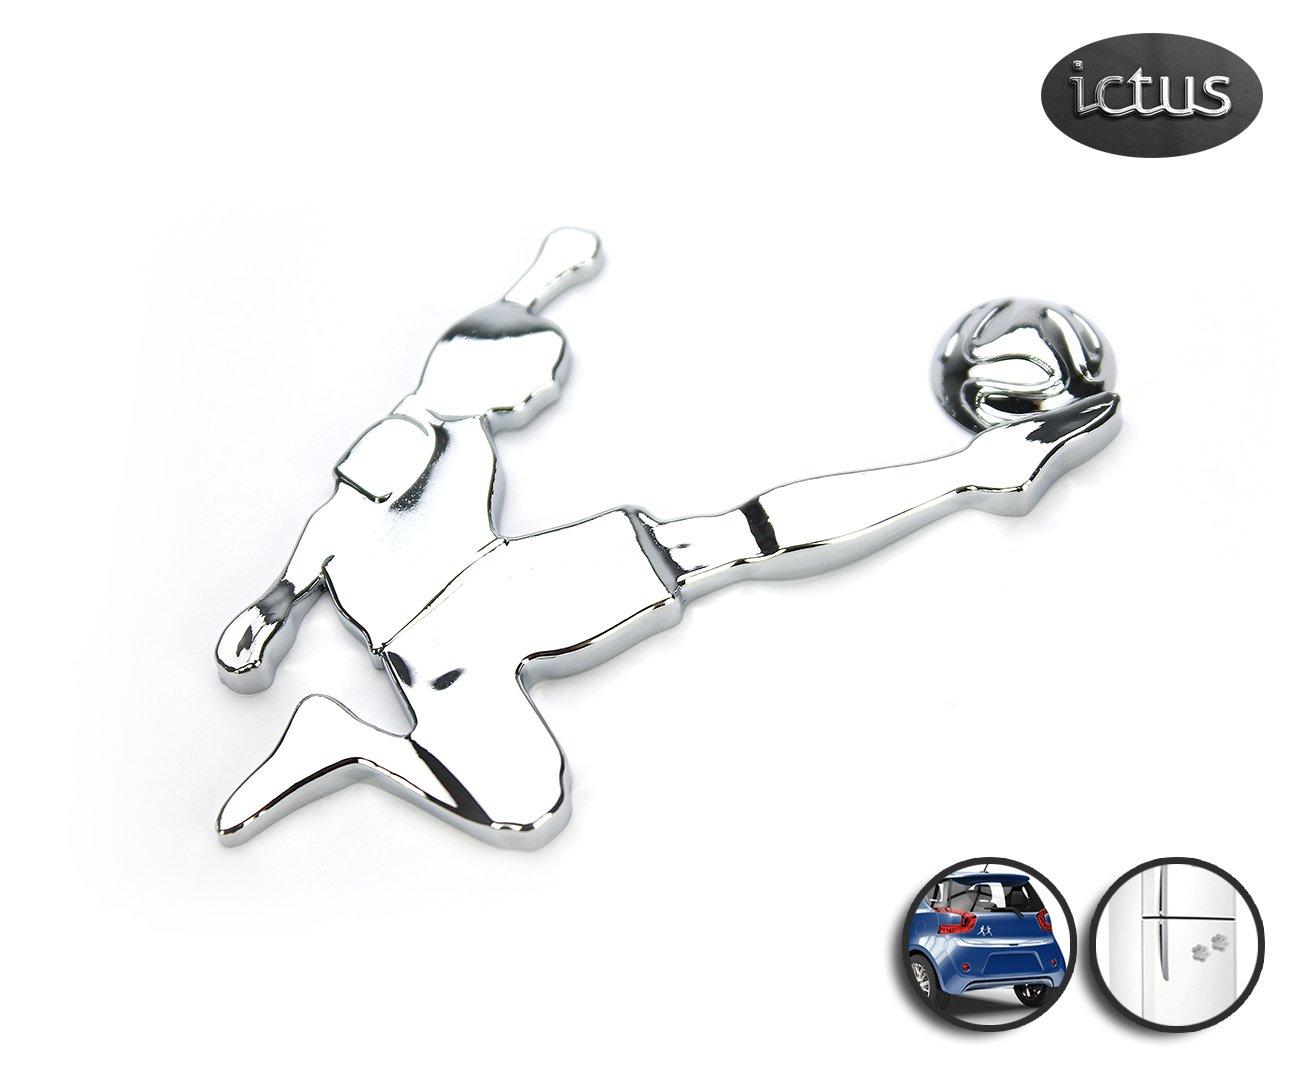 Emblema Futebol - Ictus